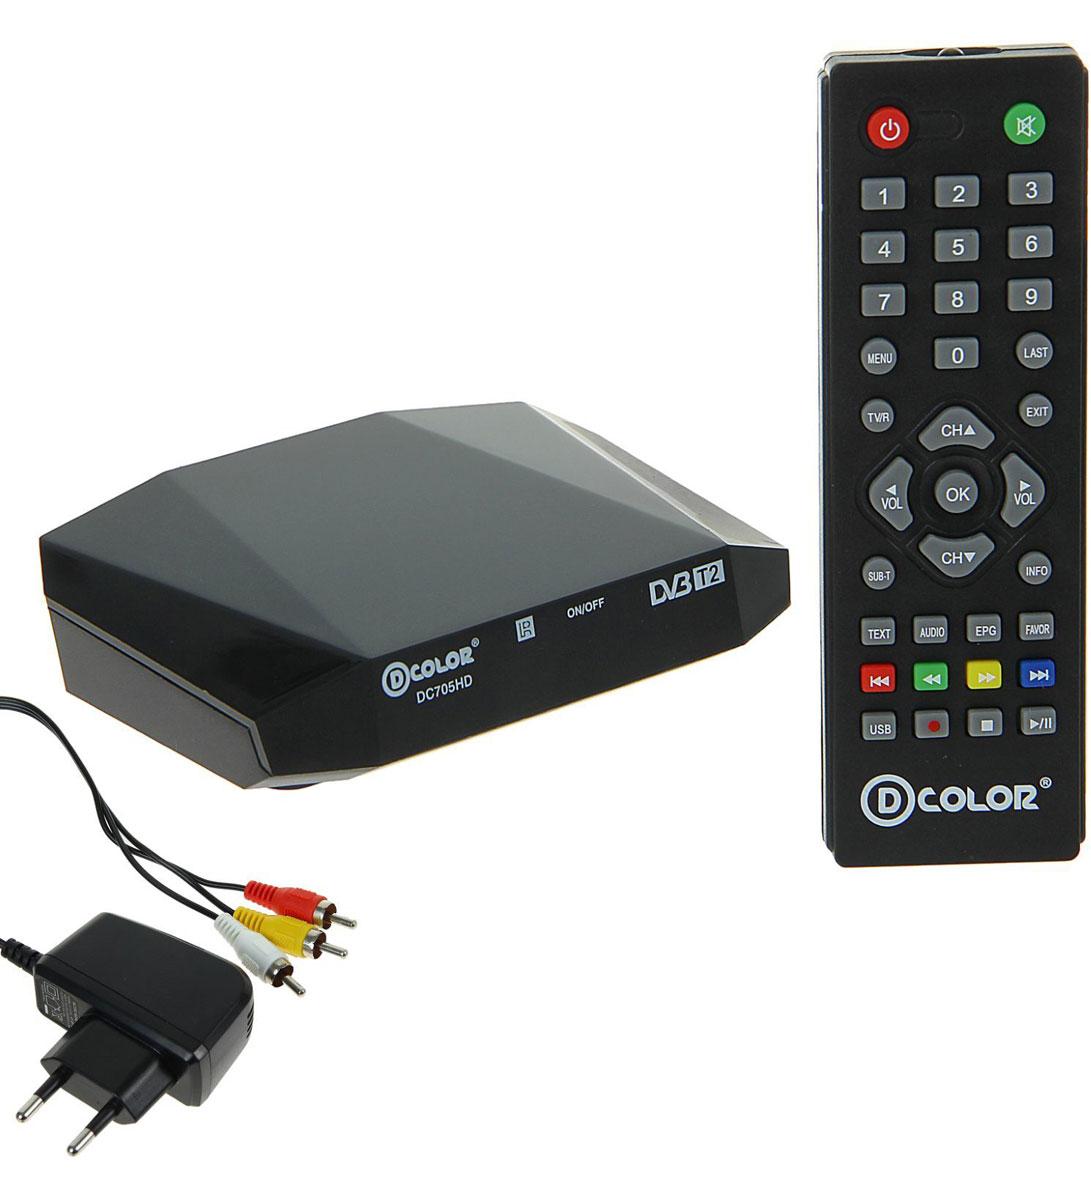 D-Color DC705HD DVB-T2 цифровой ТВ-тюнер цена и фото